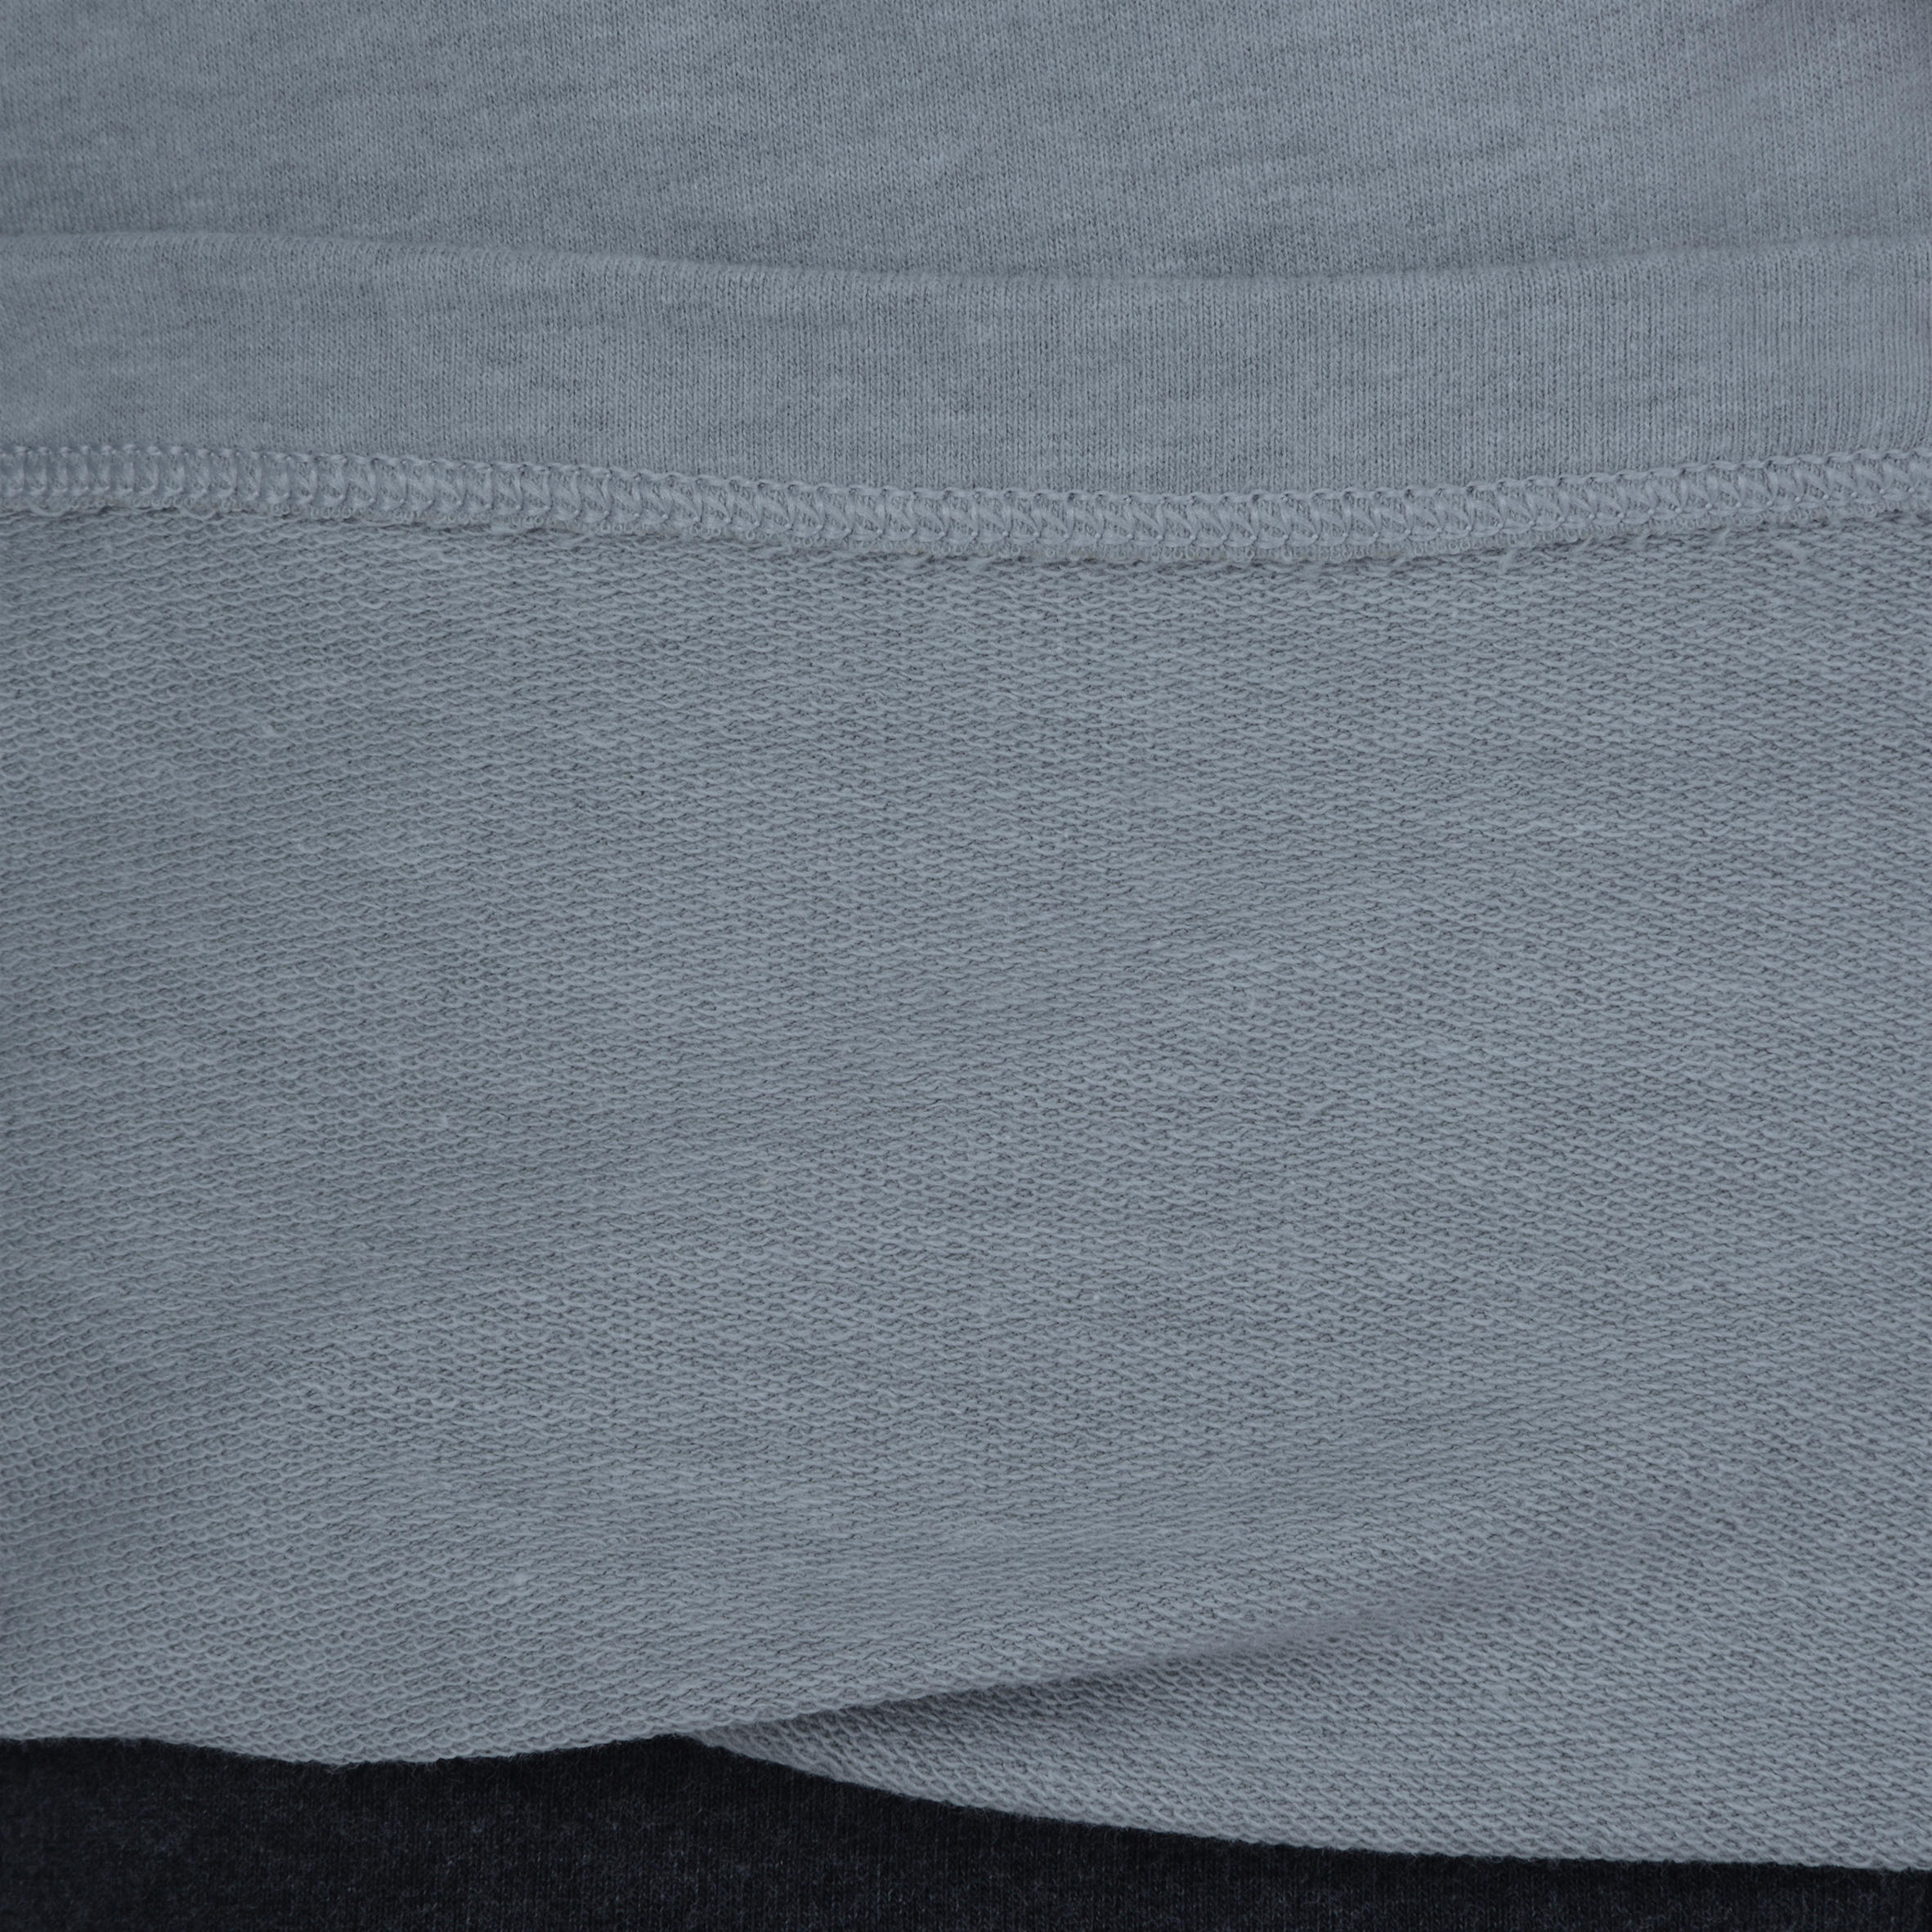 Girls' Warm Gym Sweatshirt - Grey